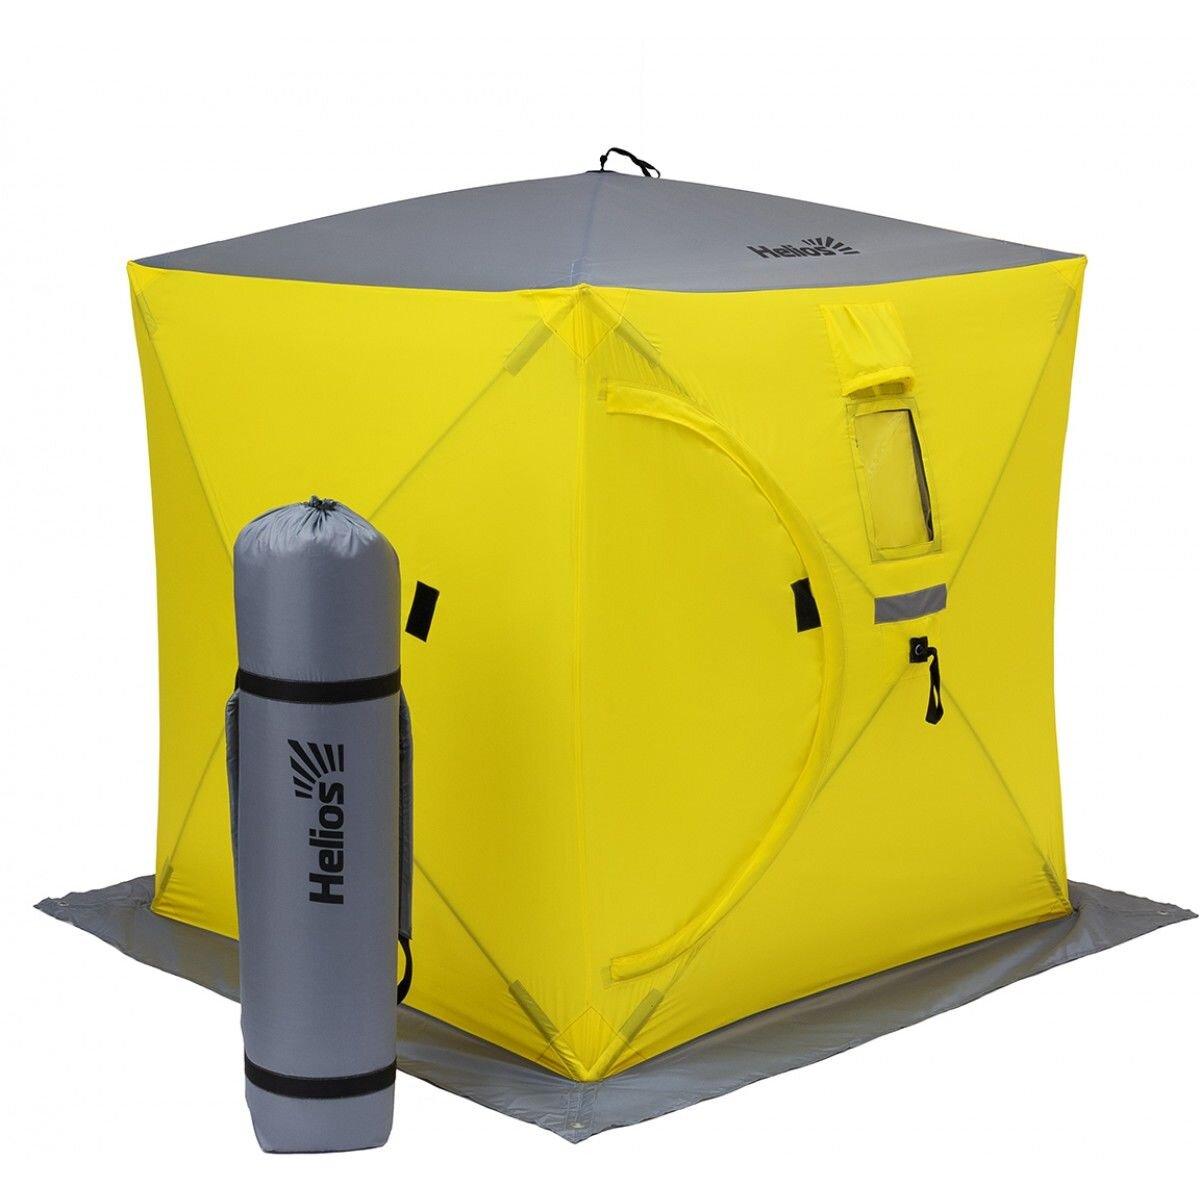 Палатка куб 1,5х1,5 (4желтый/1серый)